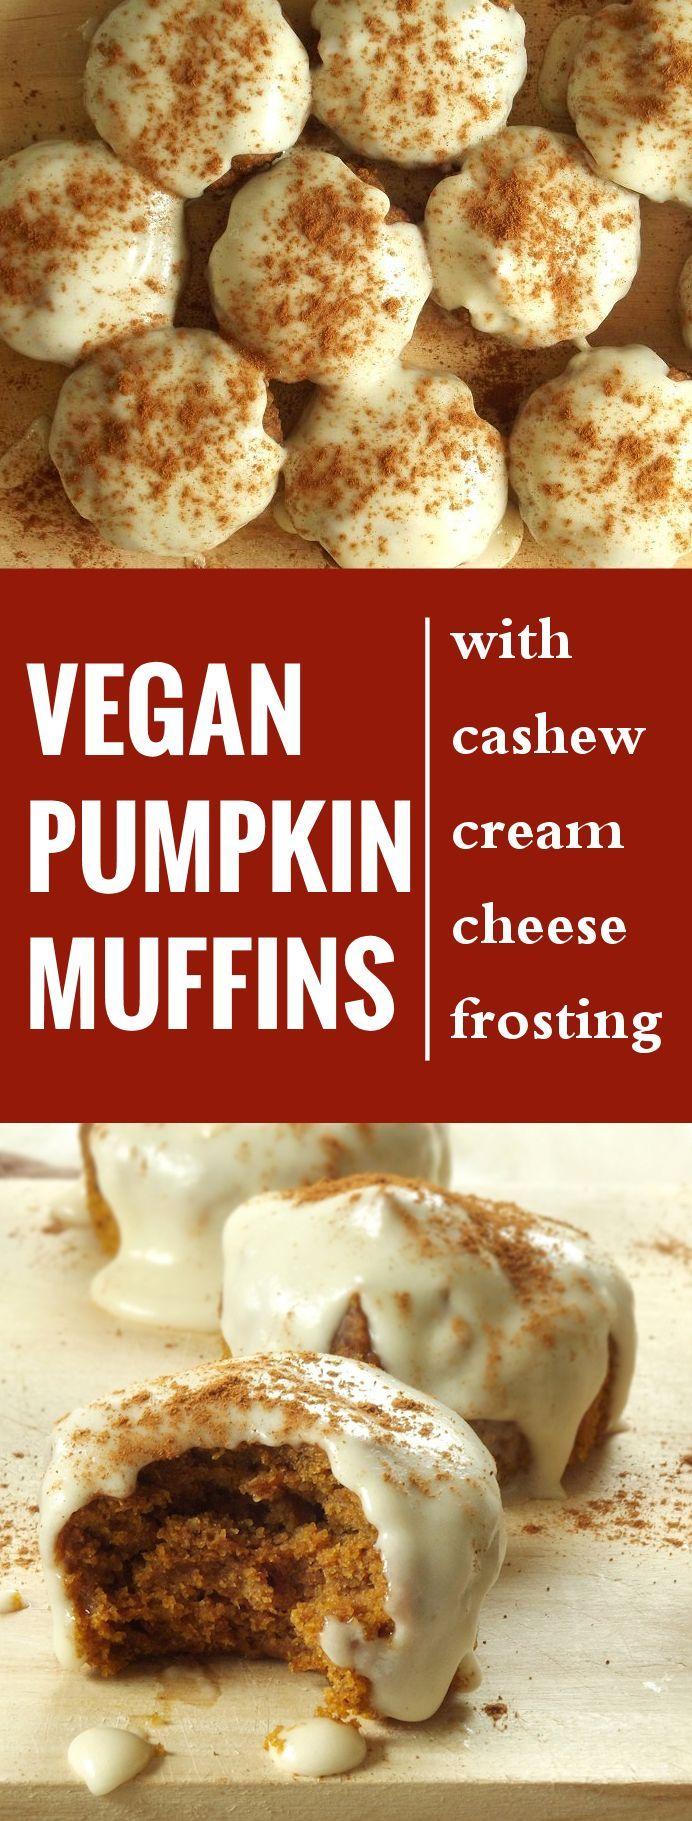 Vegan Pumpkin Muffins - Connoisseurus Veg #pumpkinmuffins